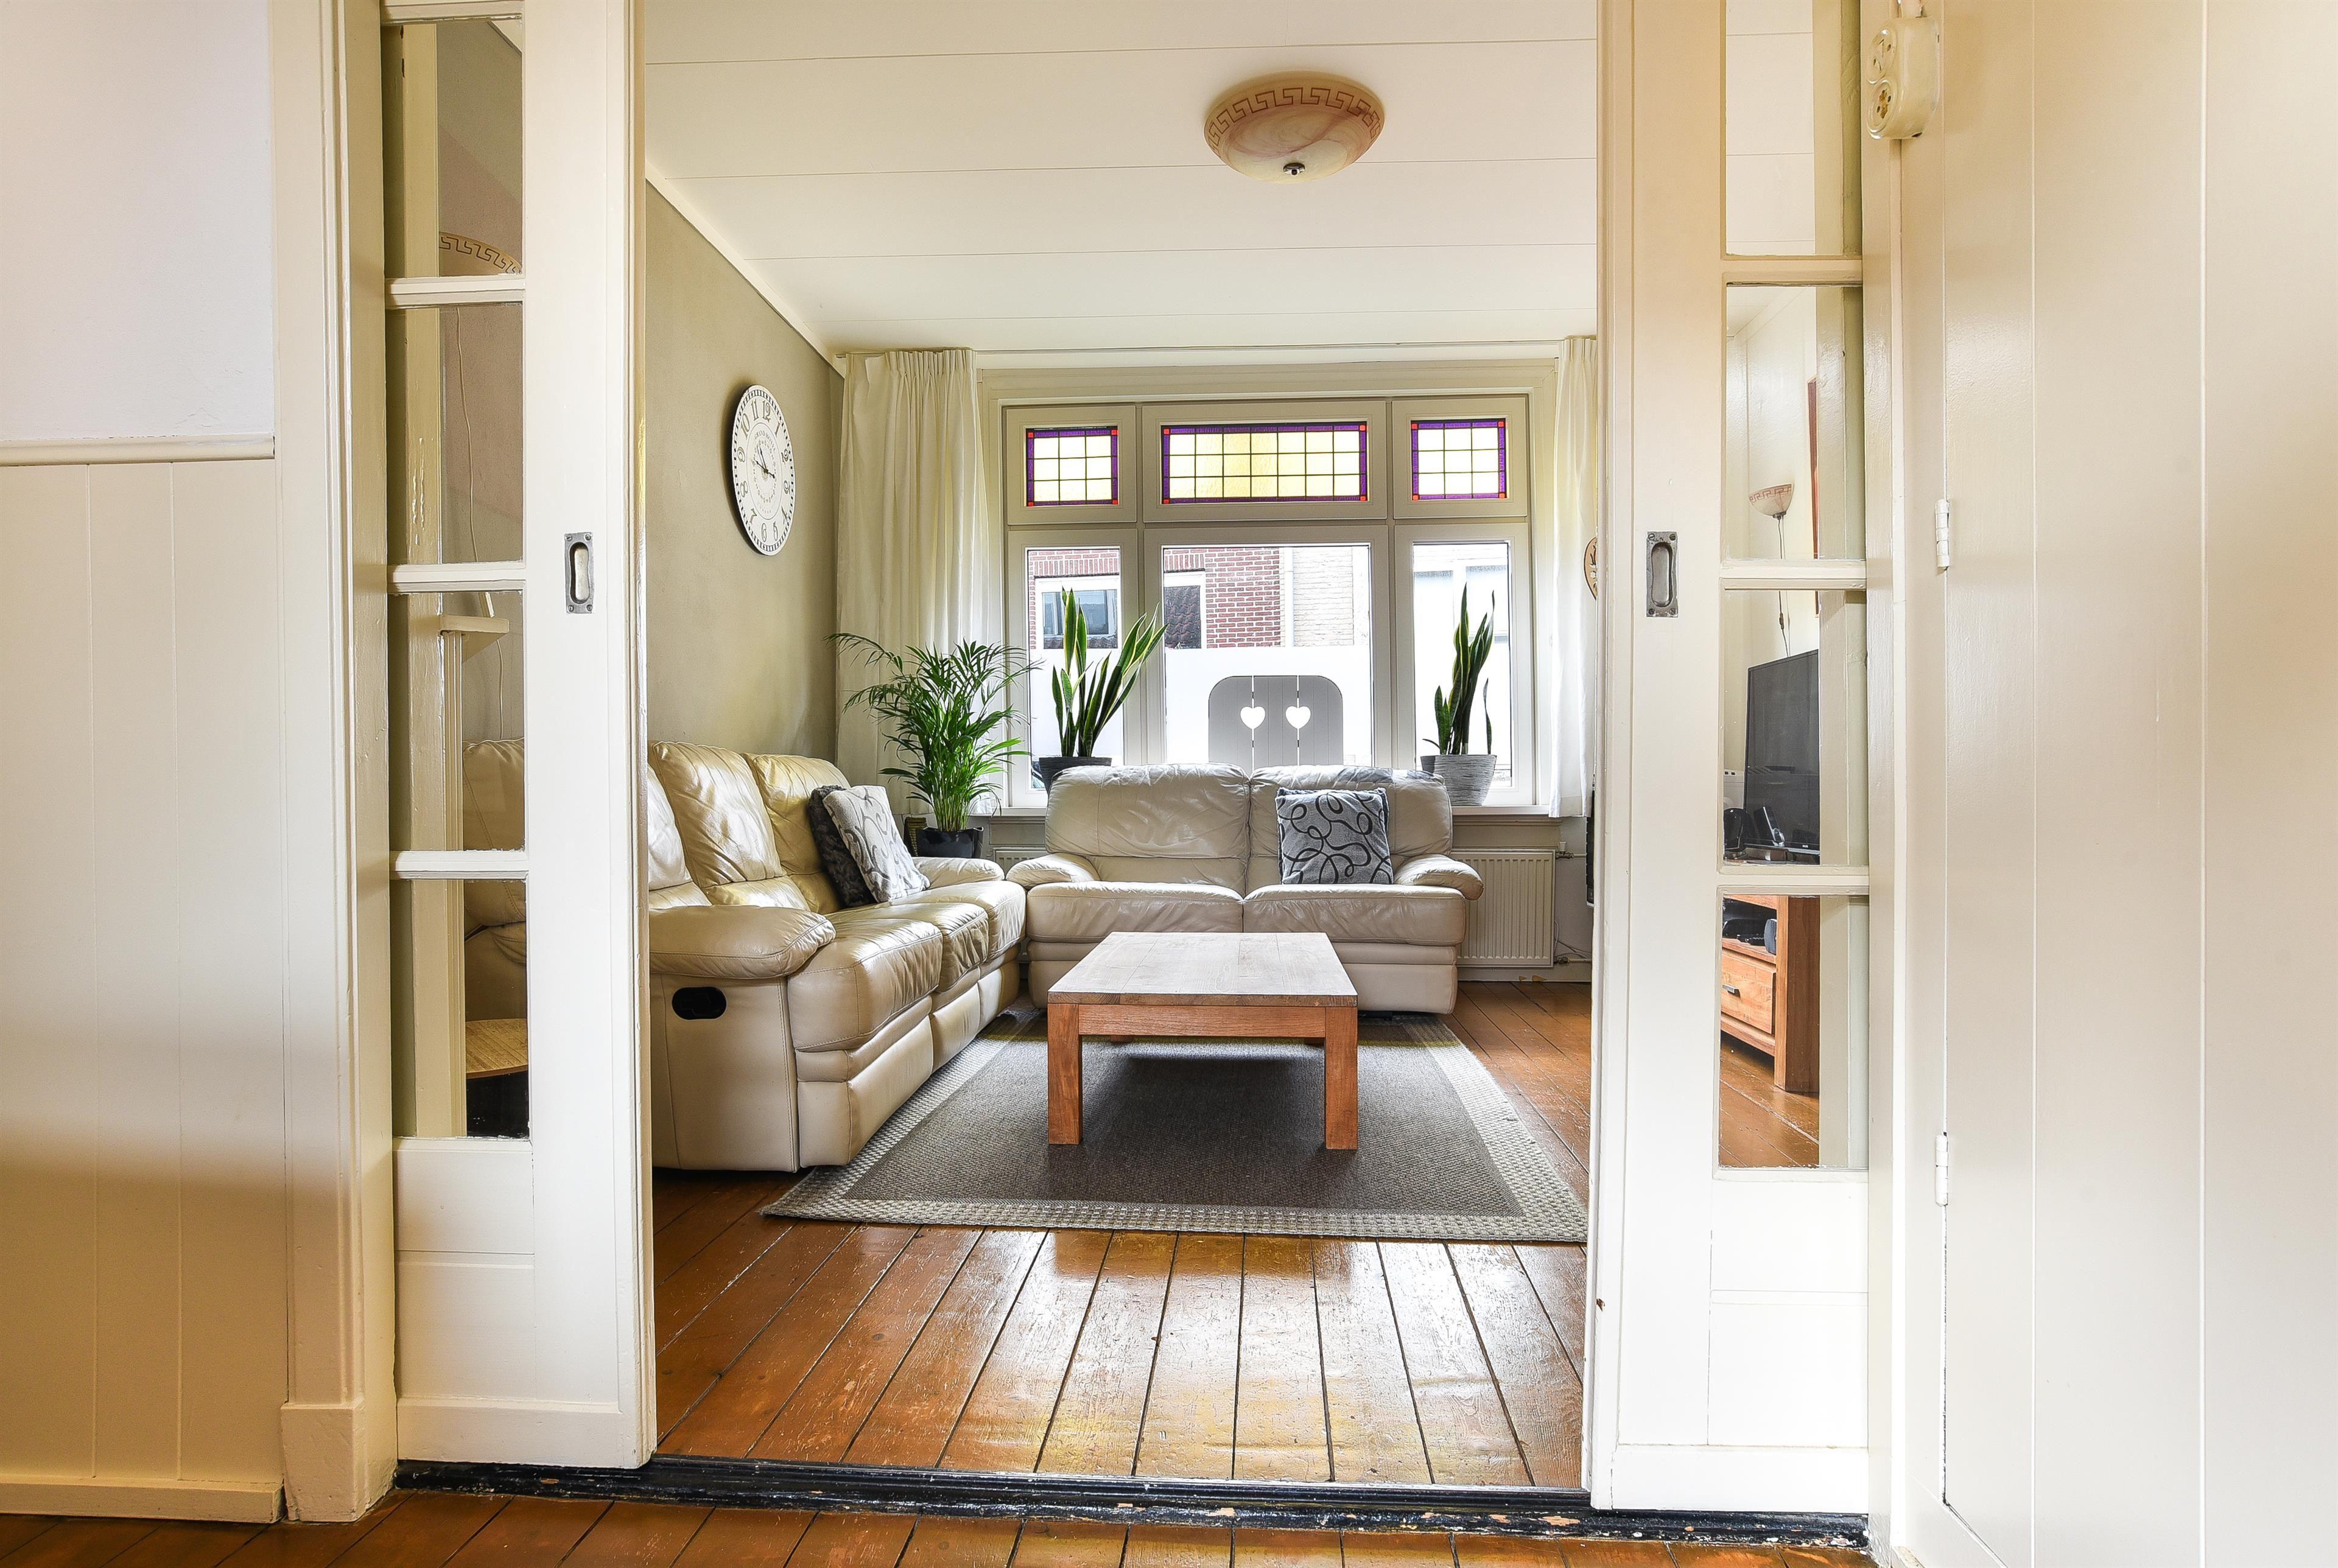 Authentieke Details Woonkamer : De woning heeft een sfeervolle woonkamer met diverse authentieke